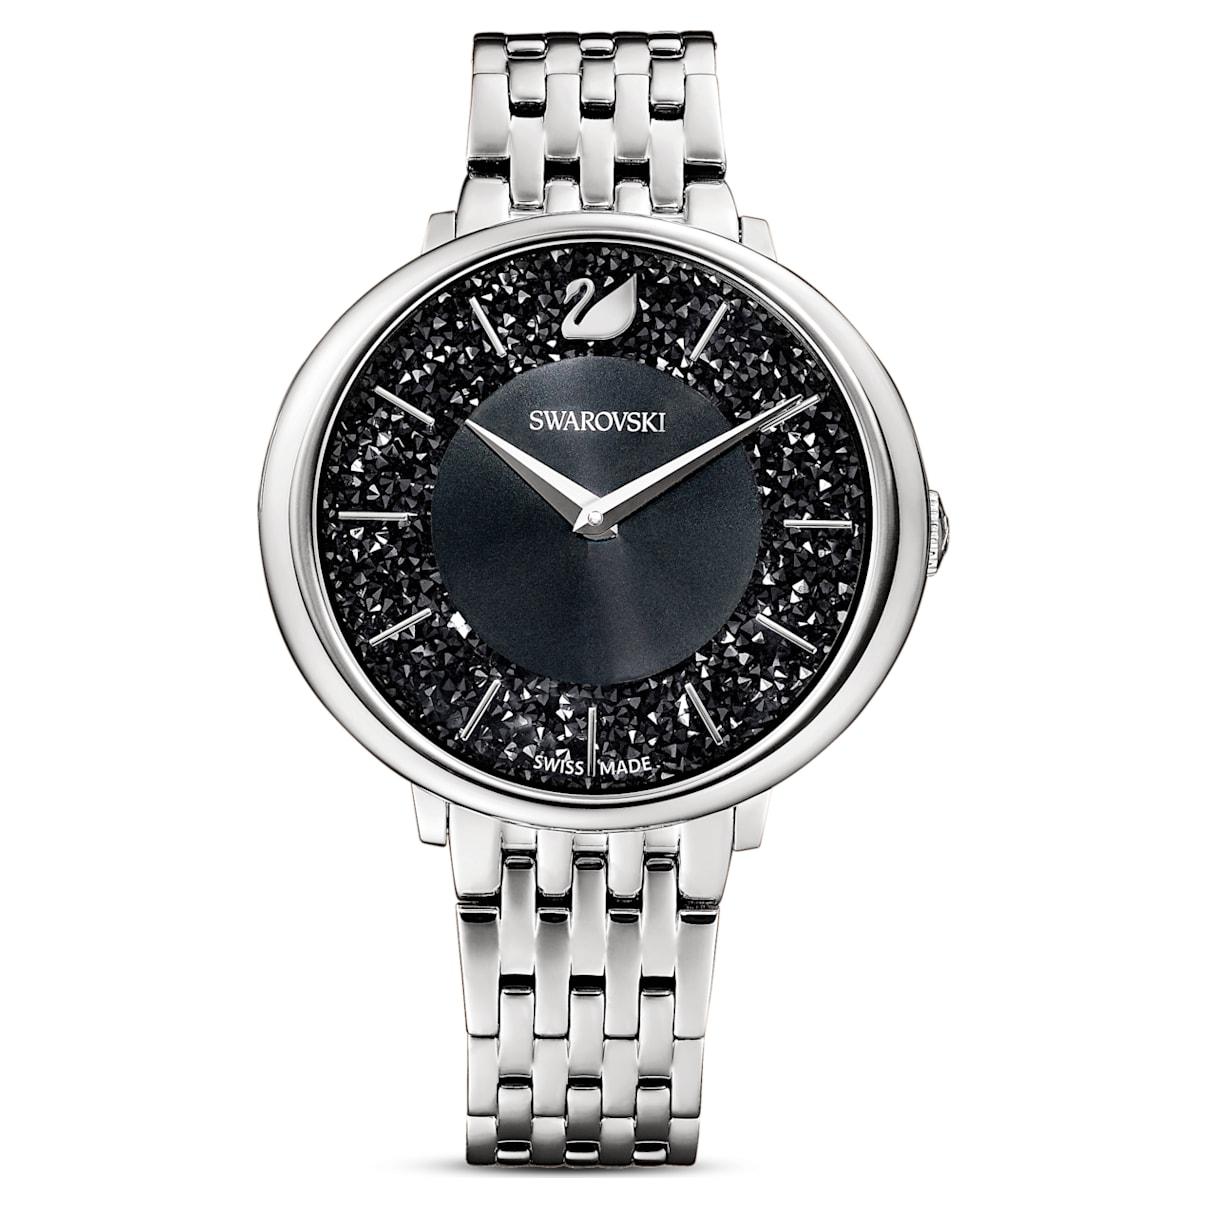 Orologio Crystalline Chic, bracciale di metallo, nero, acciaio inossidabile